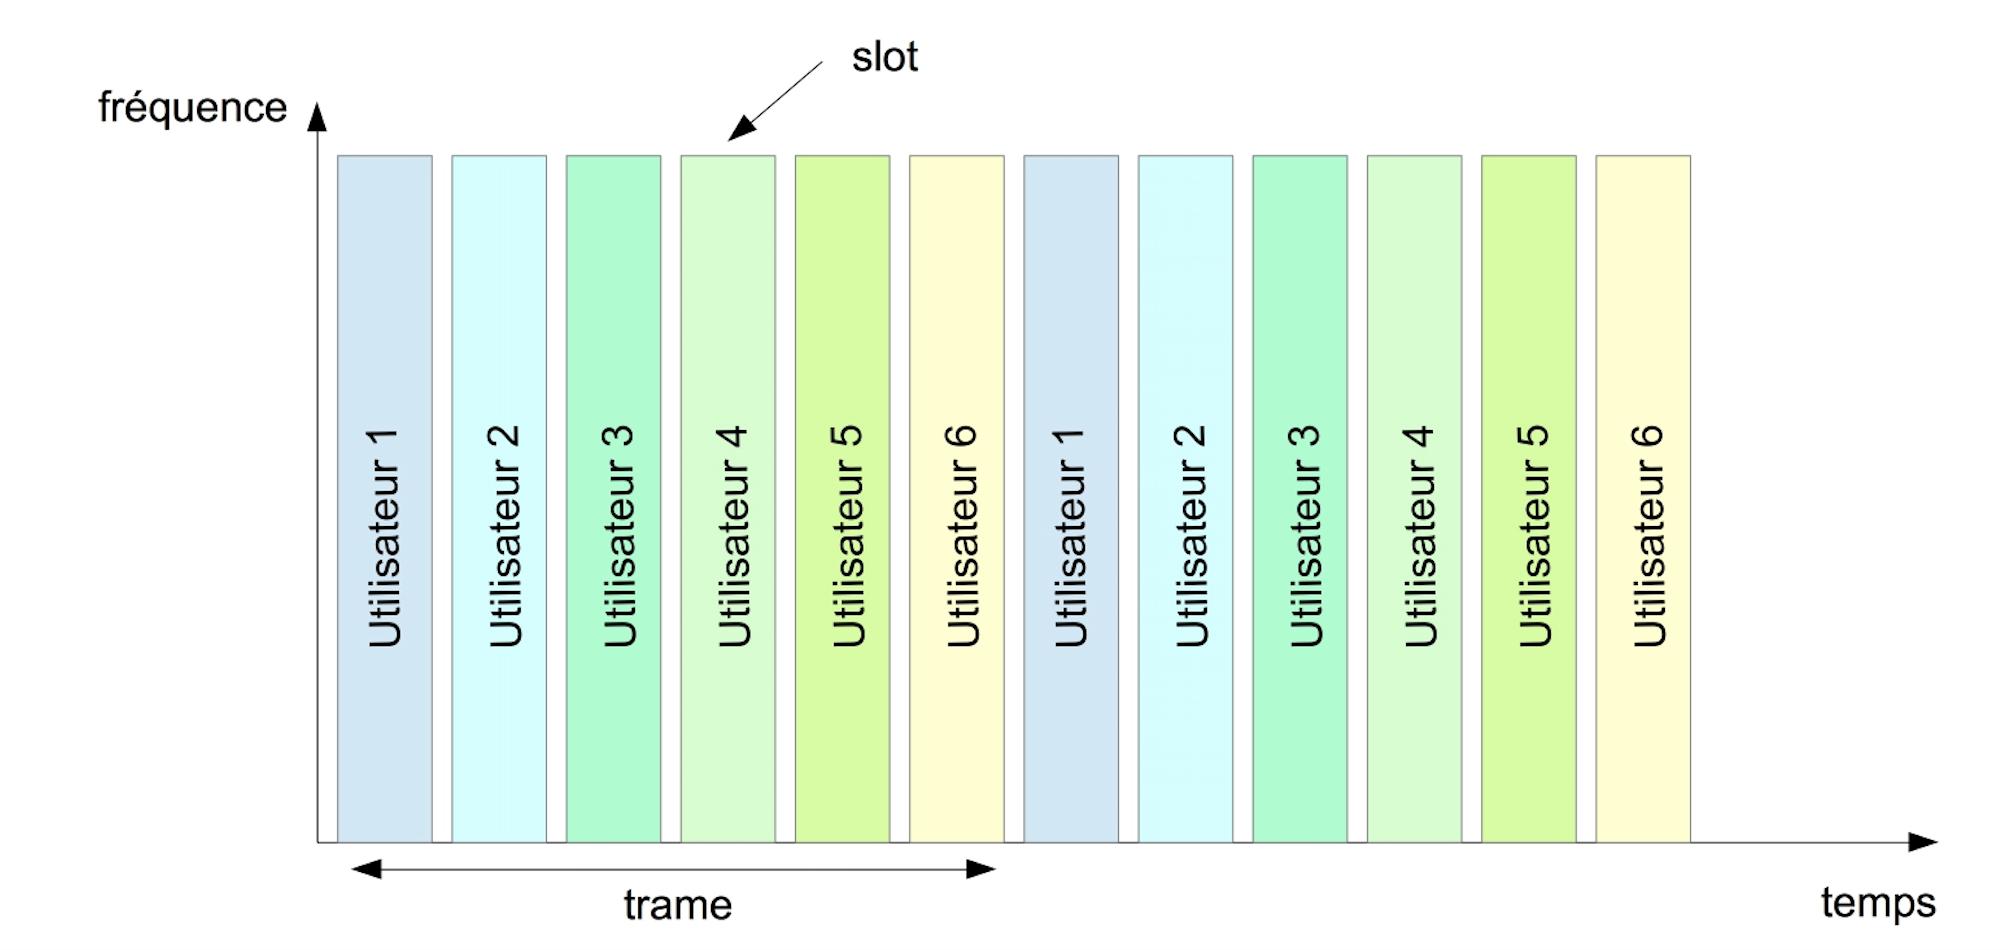 Accès multiple à répartition dans le temps : les utilisateurs utilisent la totalité des fréquences disponibles mais pour un intervalle de temps limité.